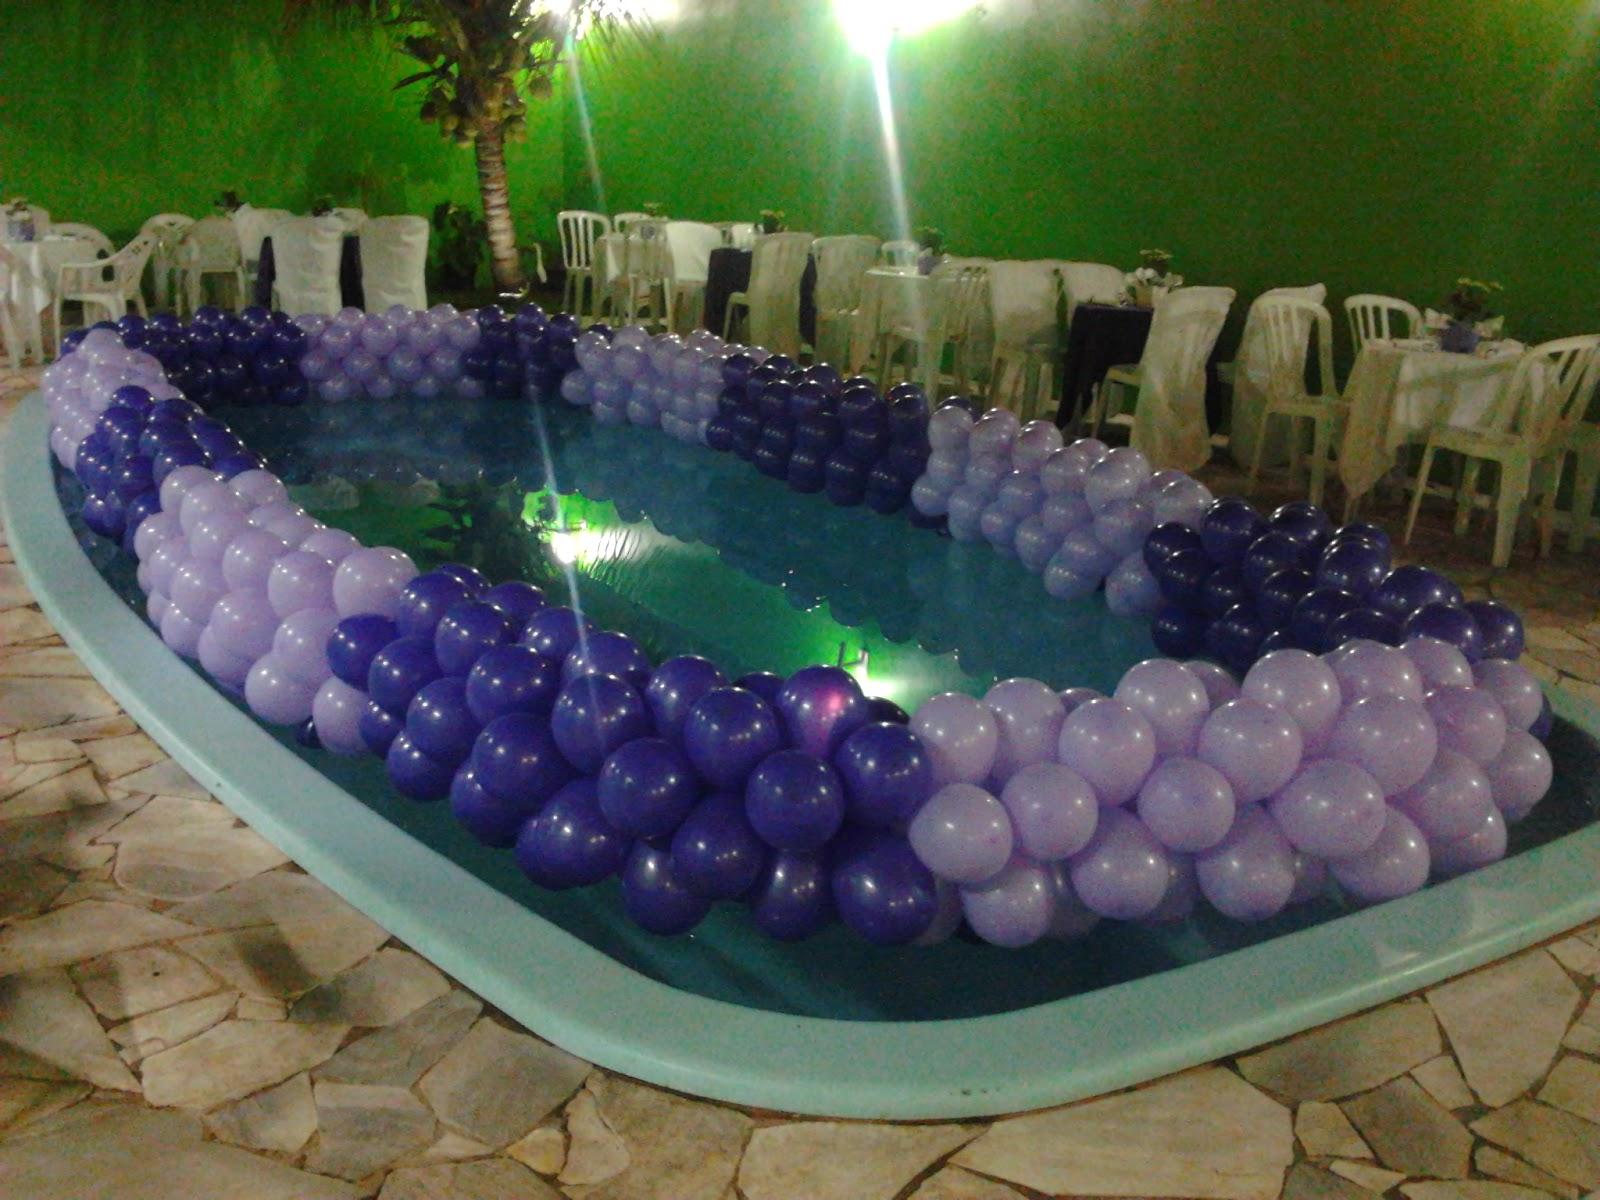 Bala de goma festas decora o com bal es na piscina for Piscina goma